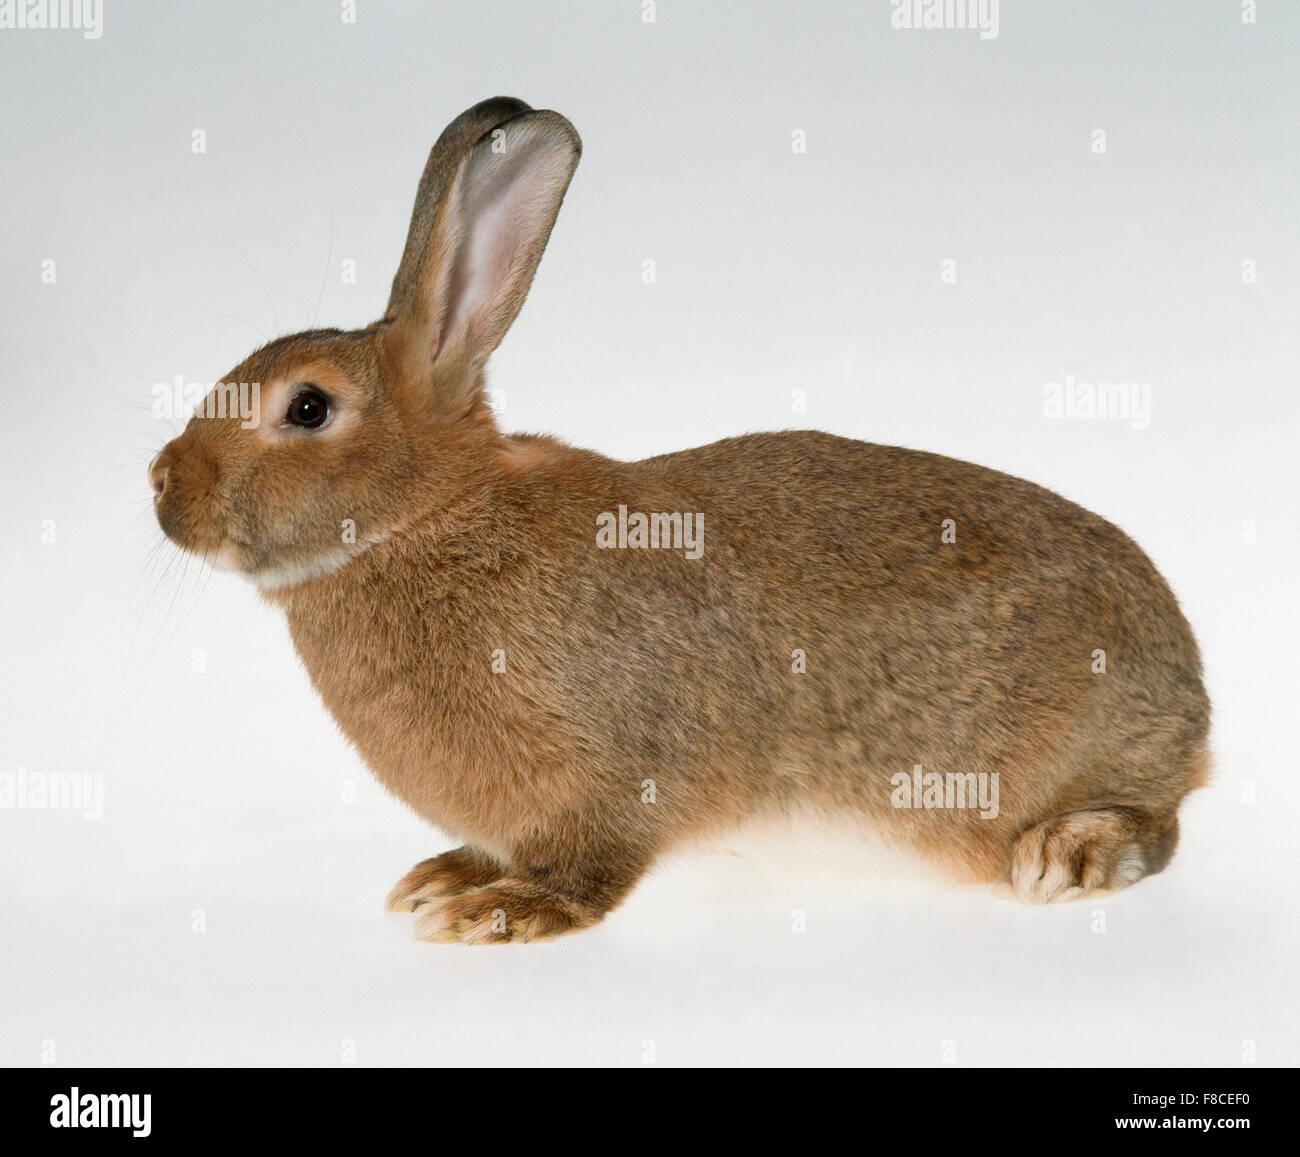 Kaninchen Sie auf neutralem Hintergrund Stockfoto